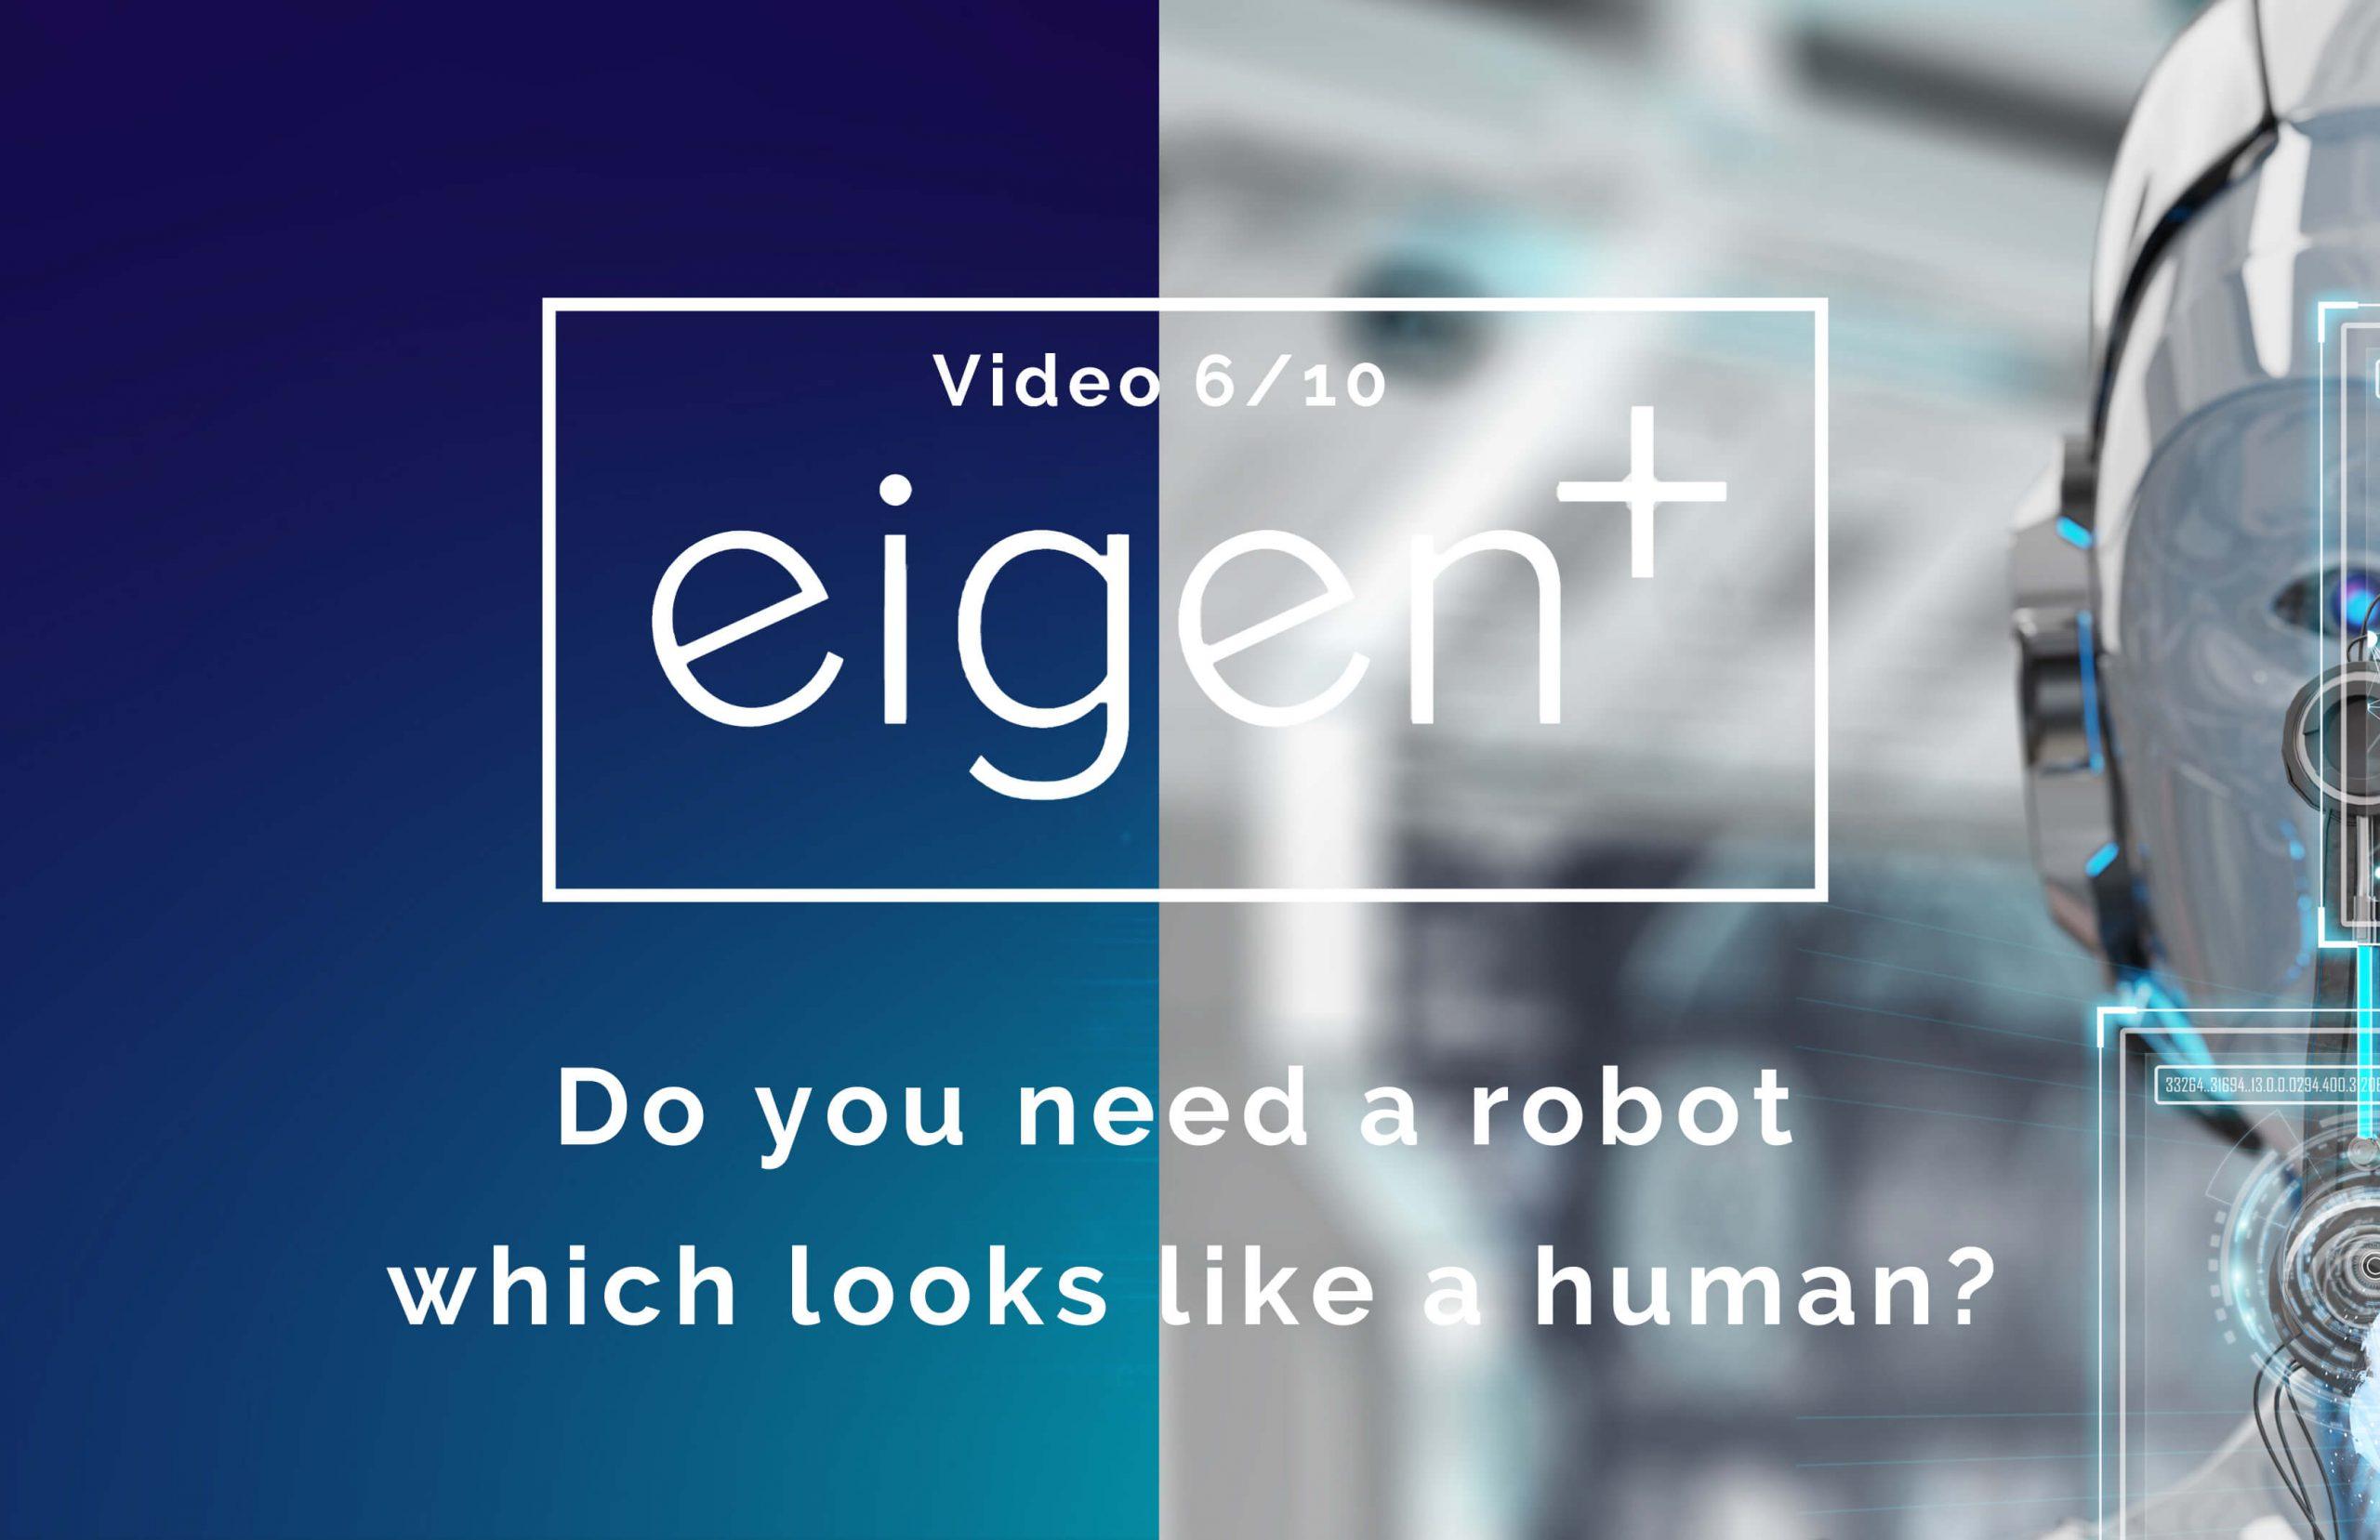 roboticsvideo6